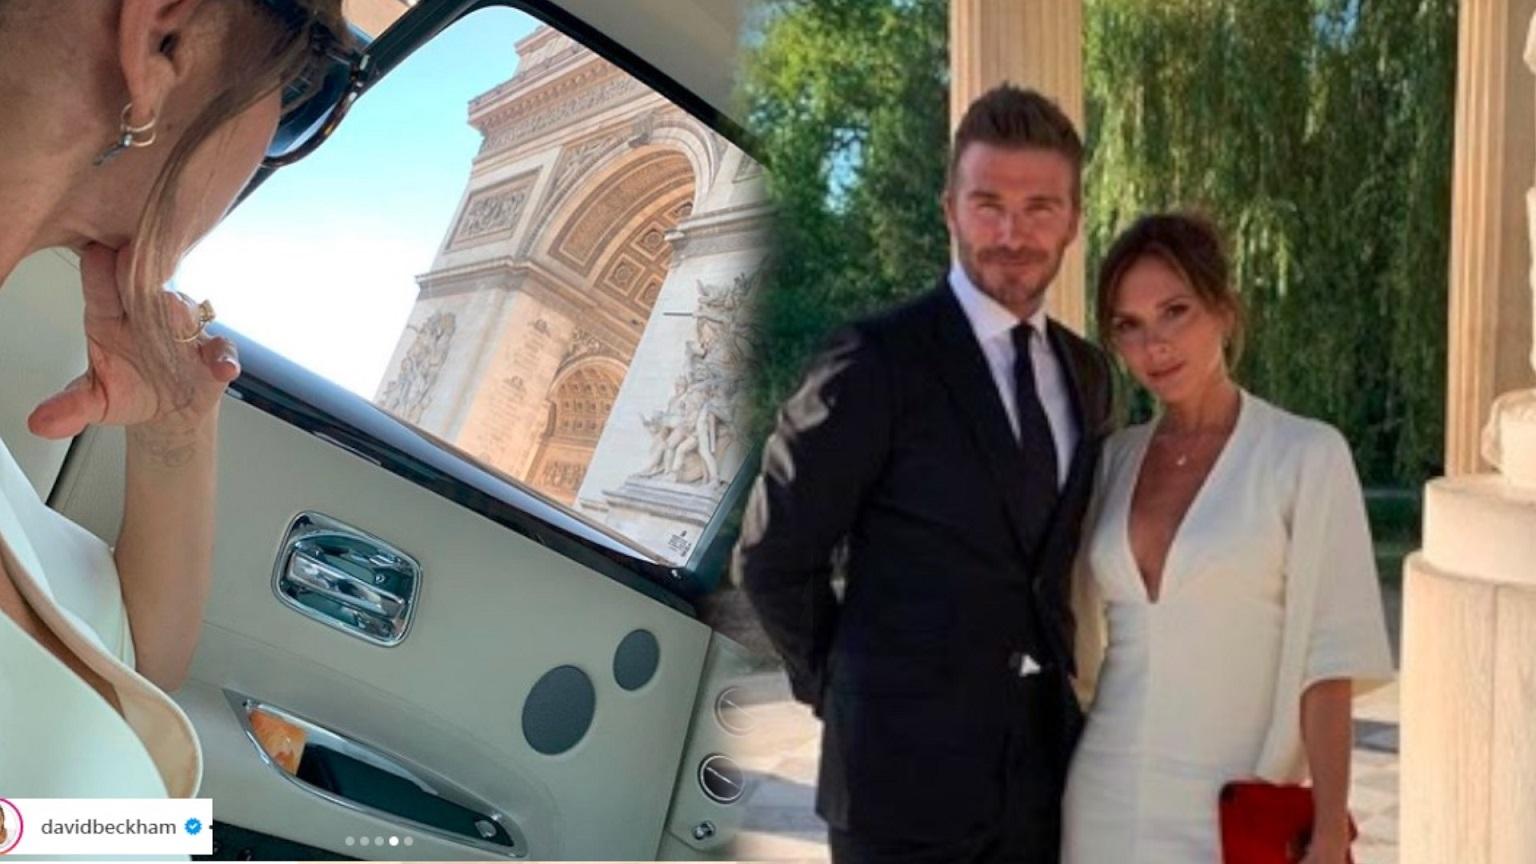 WOW! Tak Victoria i David Beckham świętują 20 rocznicę ślubu